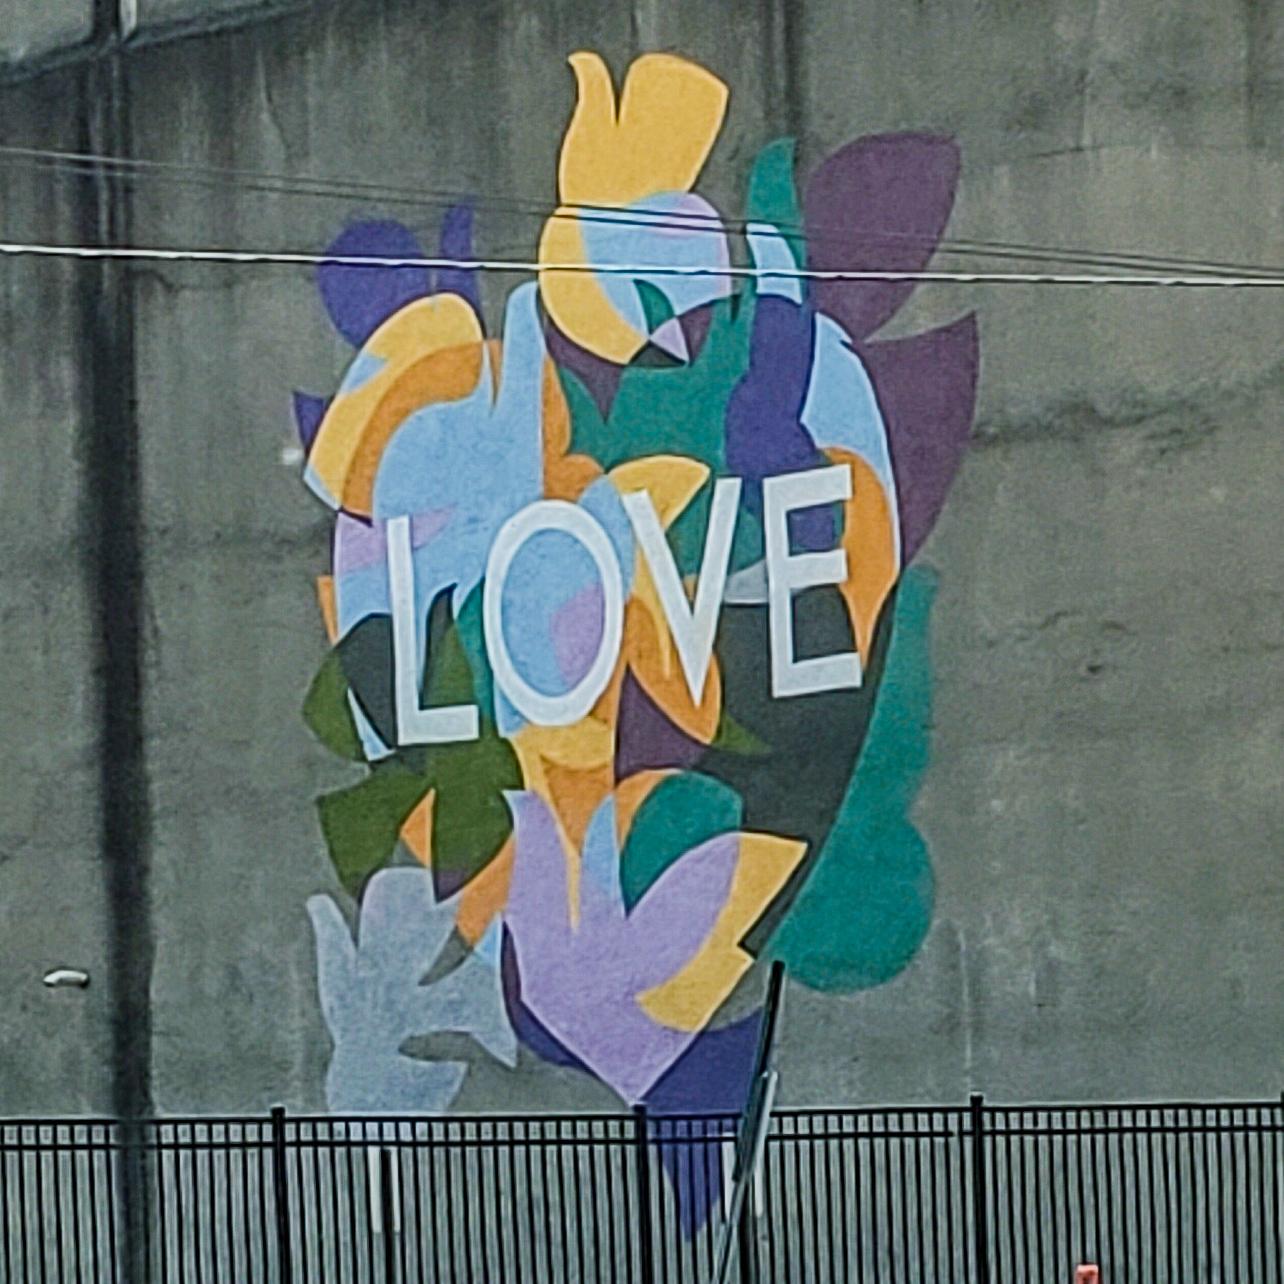 LOVE Mural in Dayton